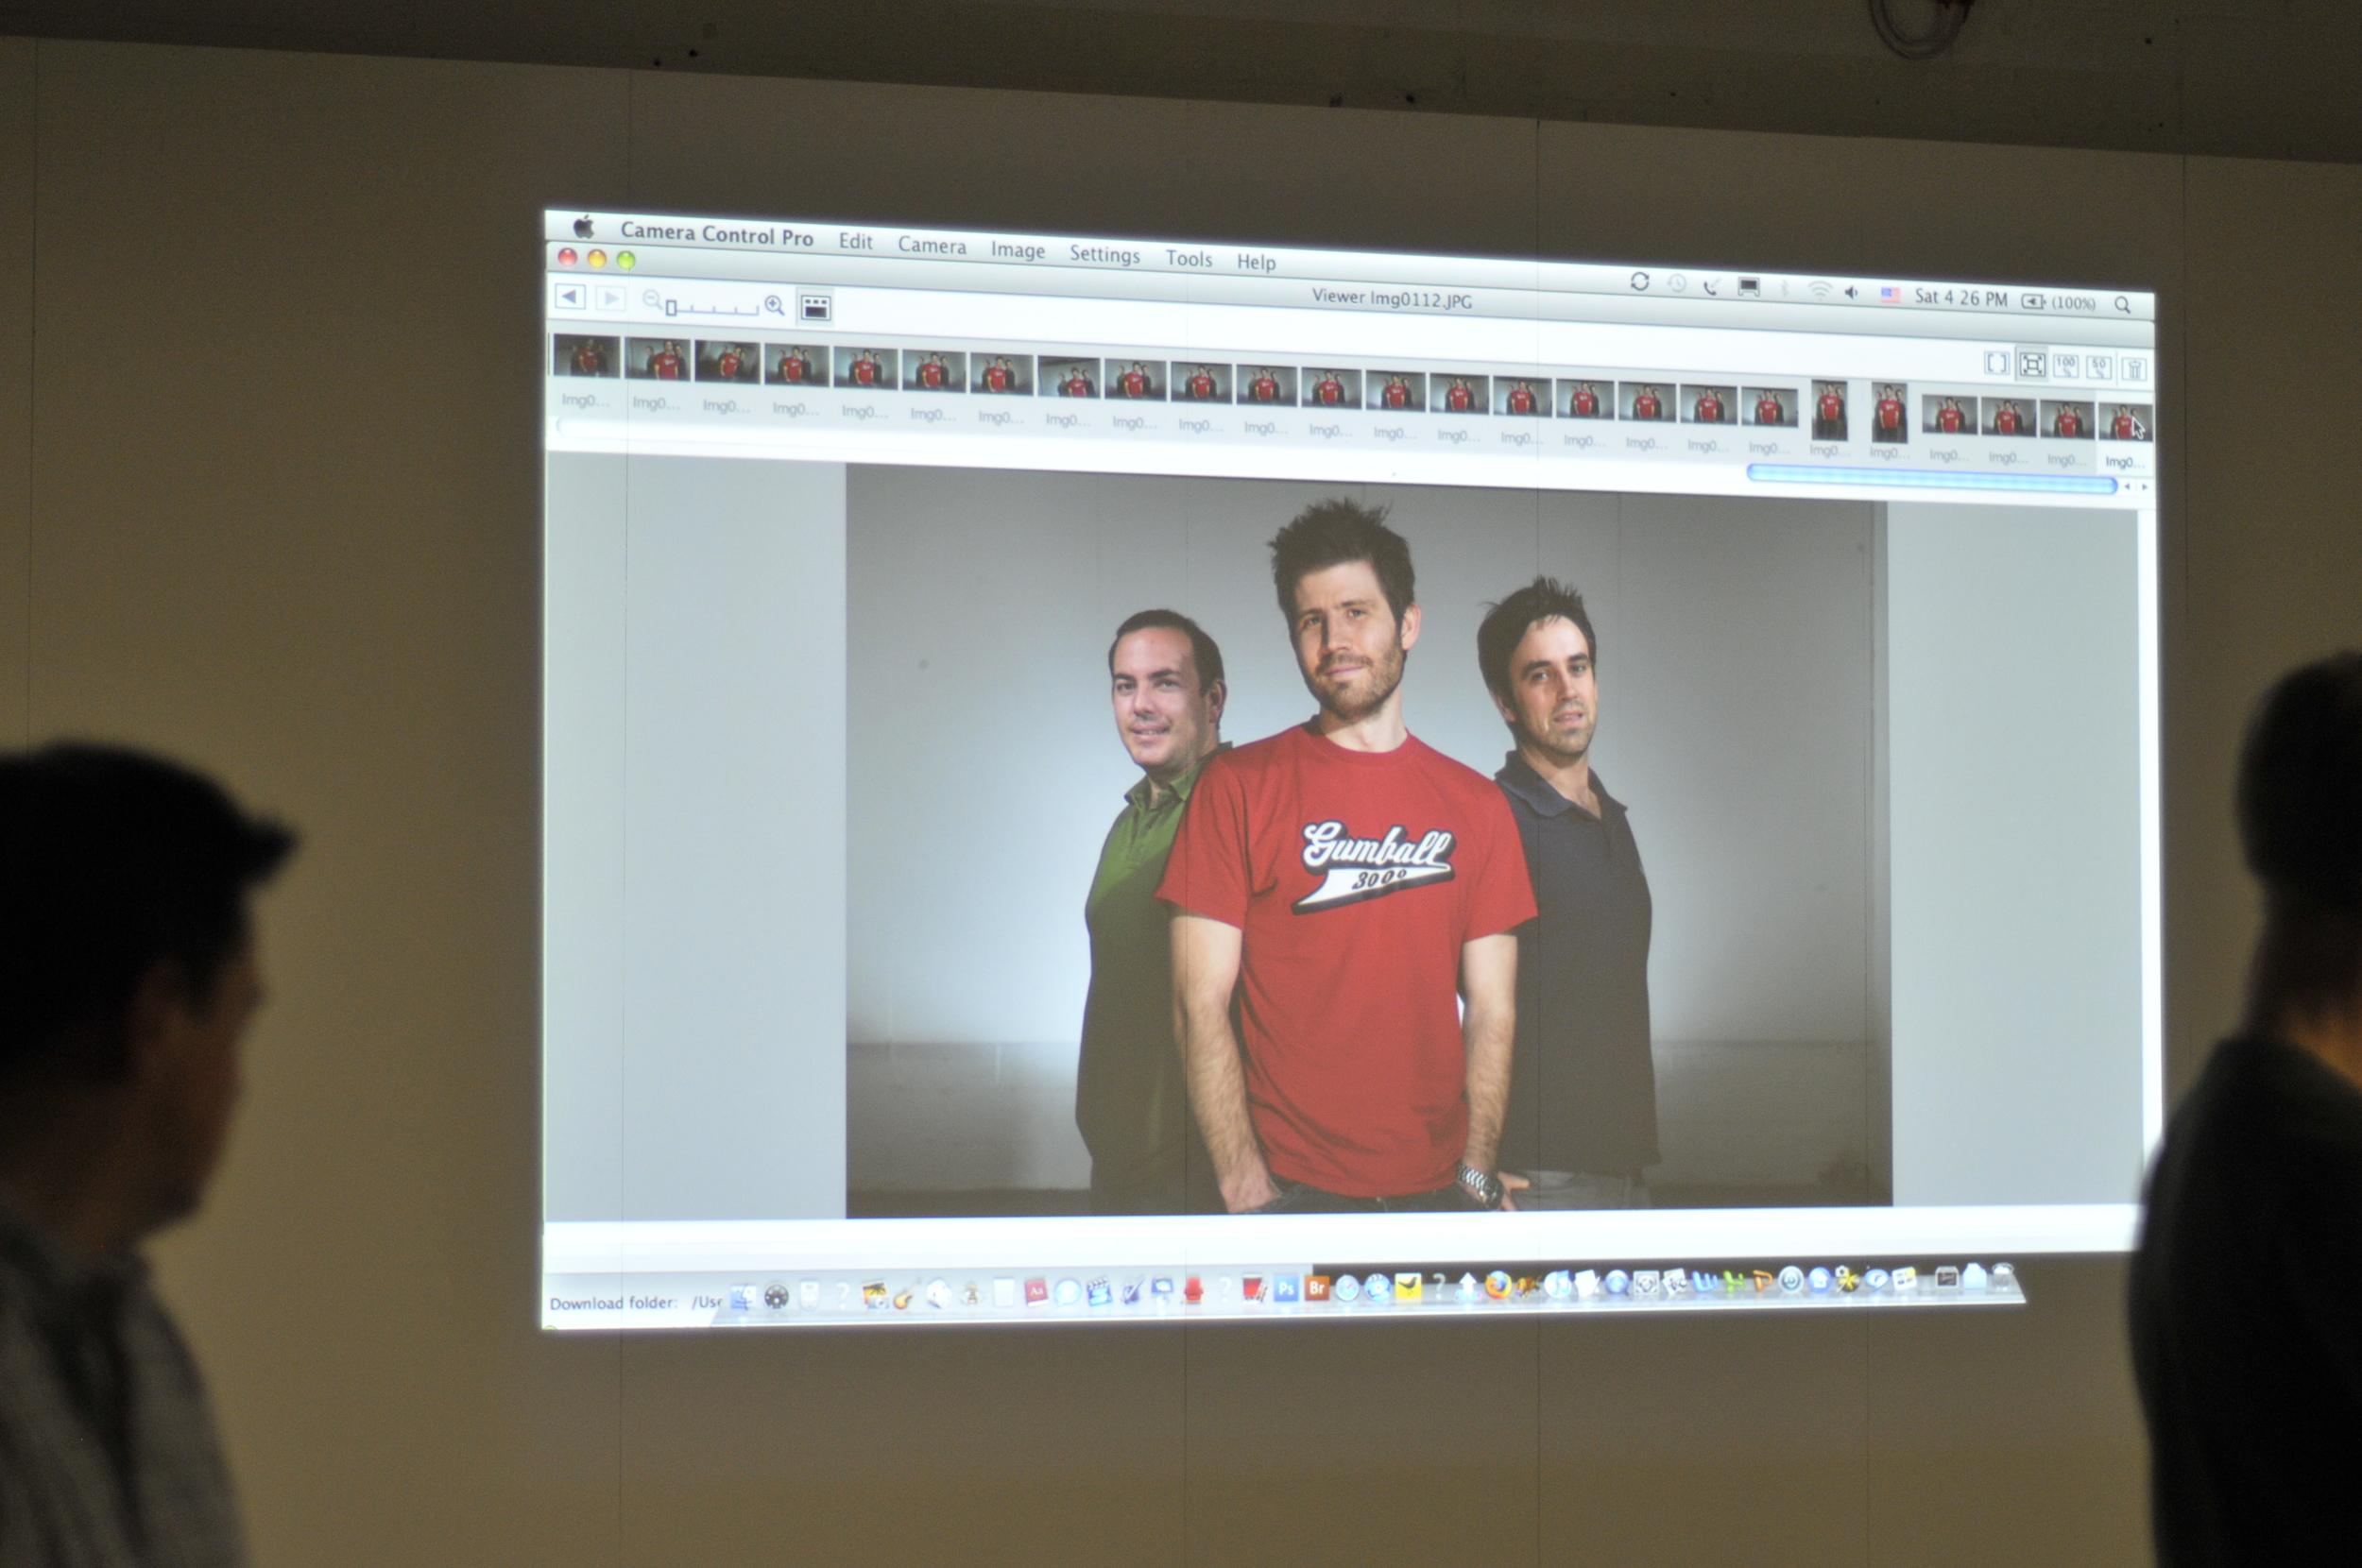 Pablo Salgado a la izquierda. La foto proyectada fue tomada por David Hobby en Londres, 2007.